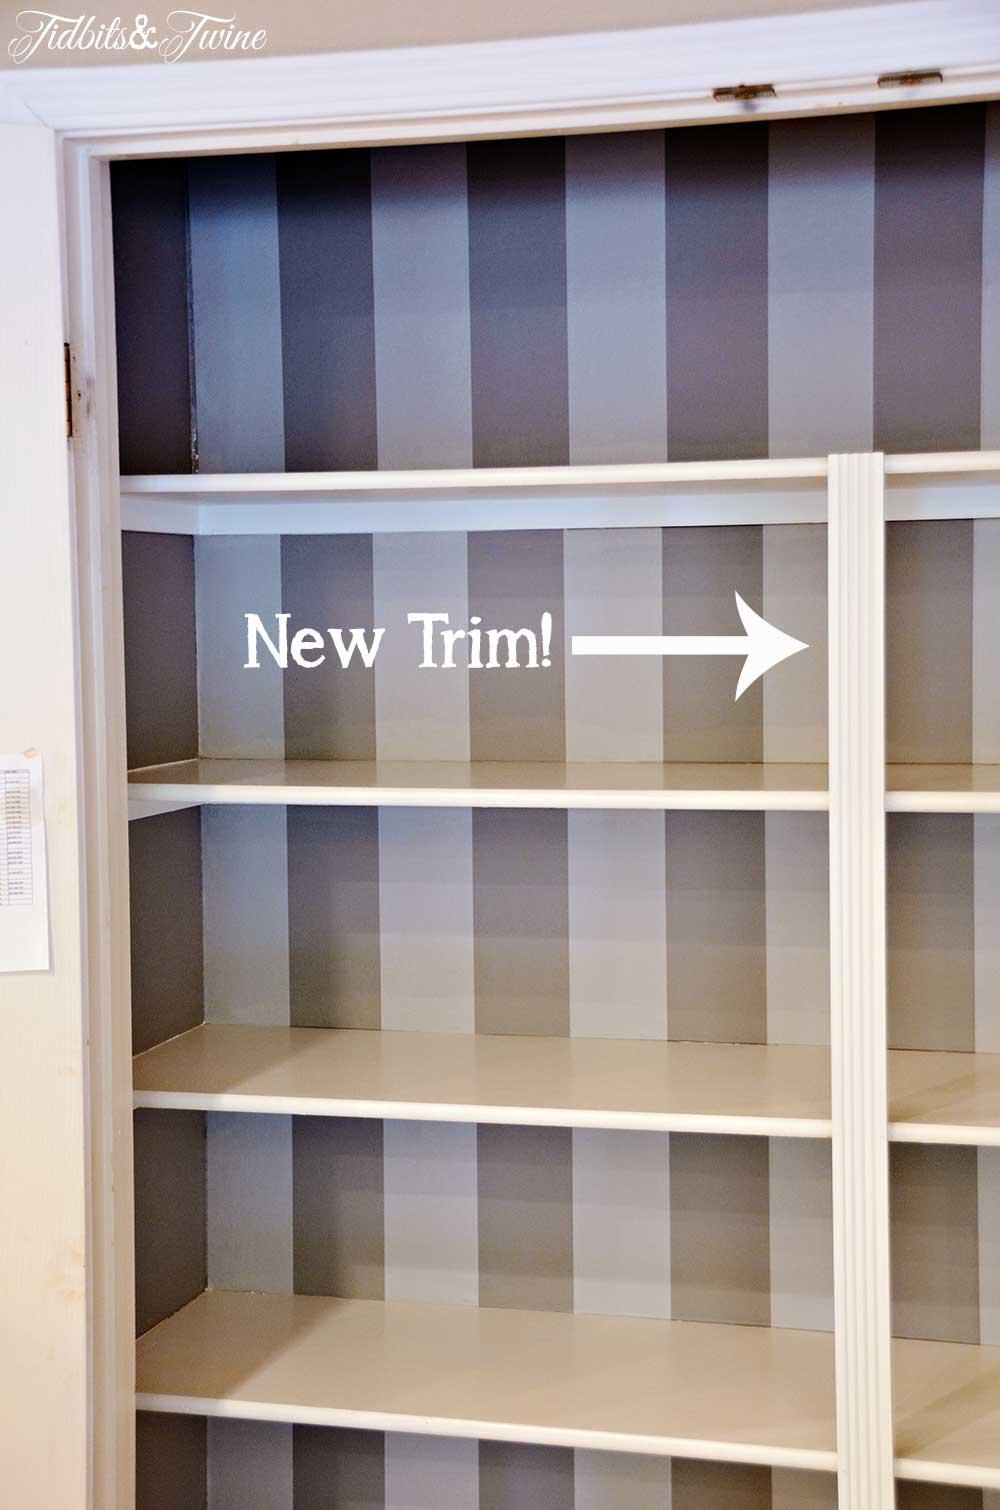 TIDBITS&TWINE Pantry Wallpaper